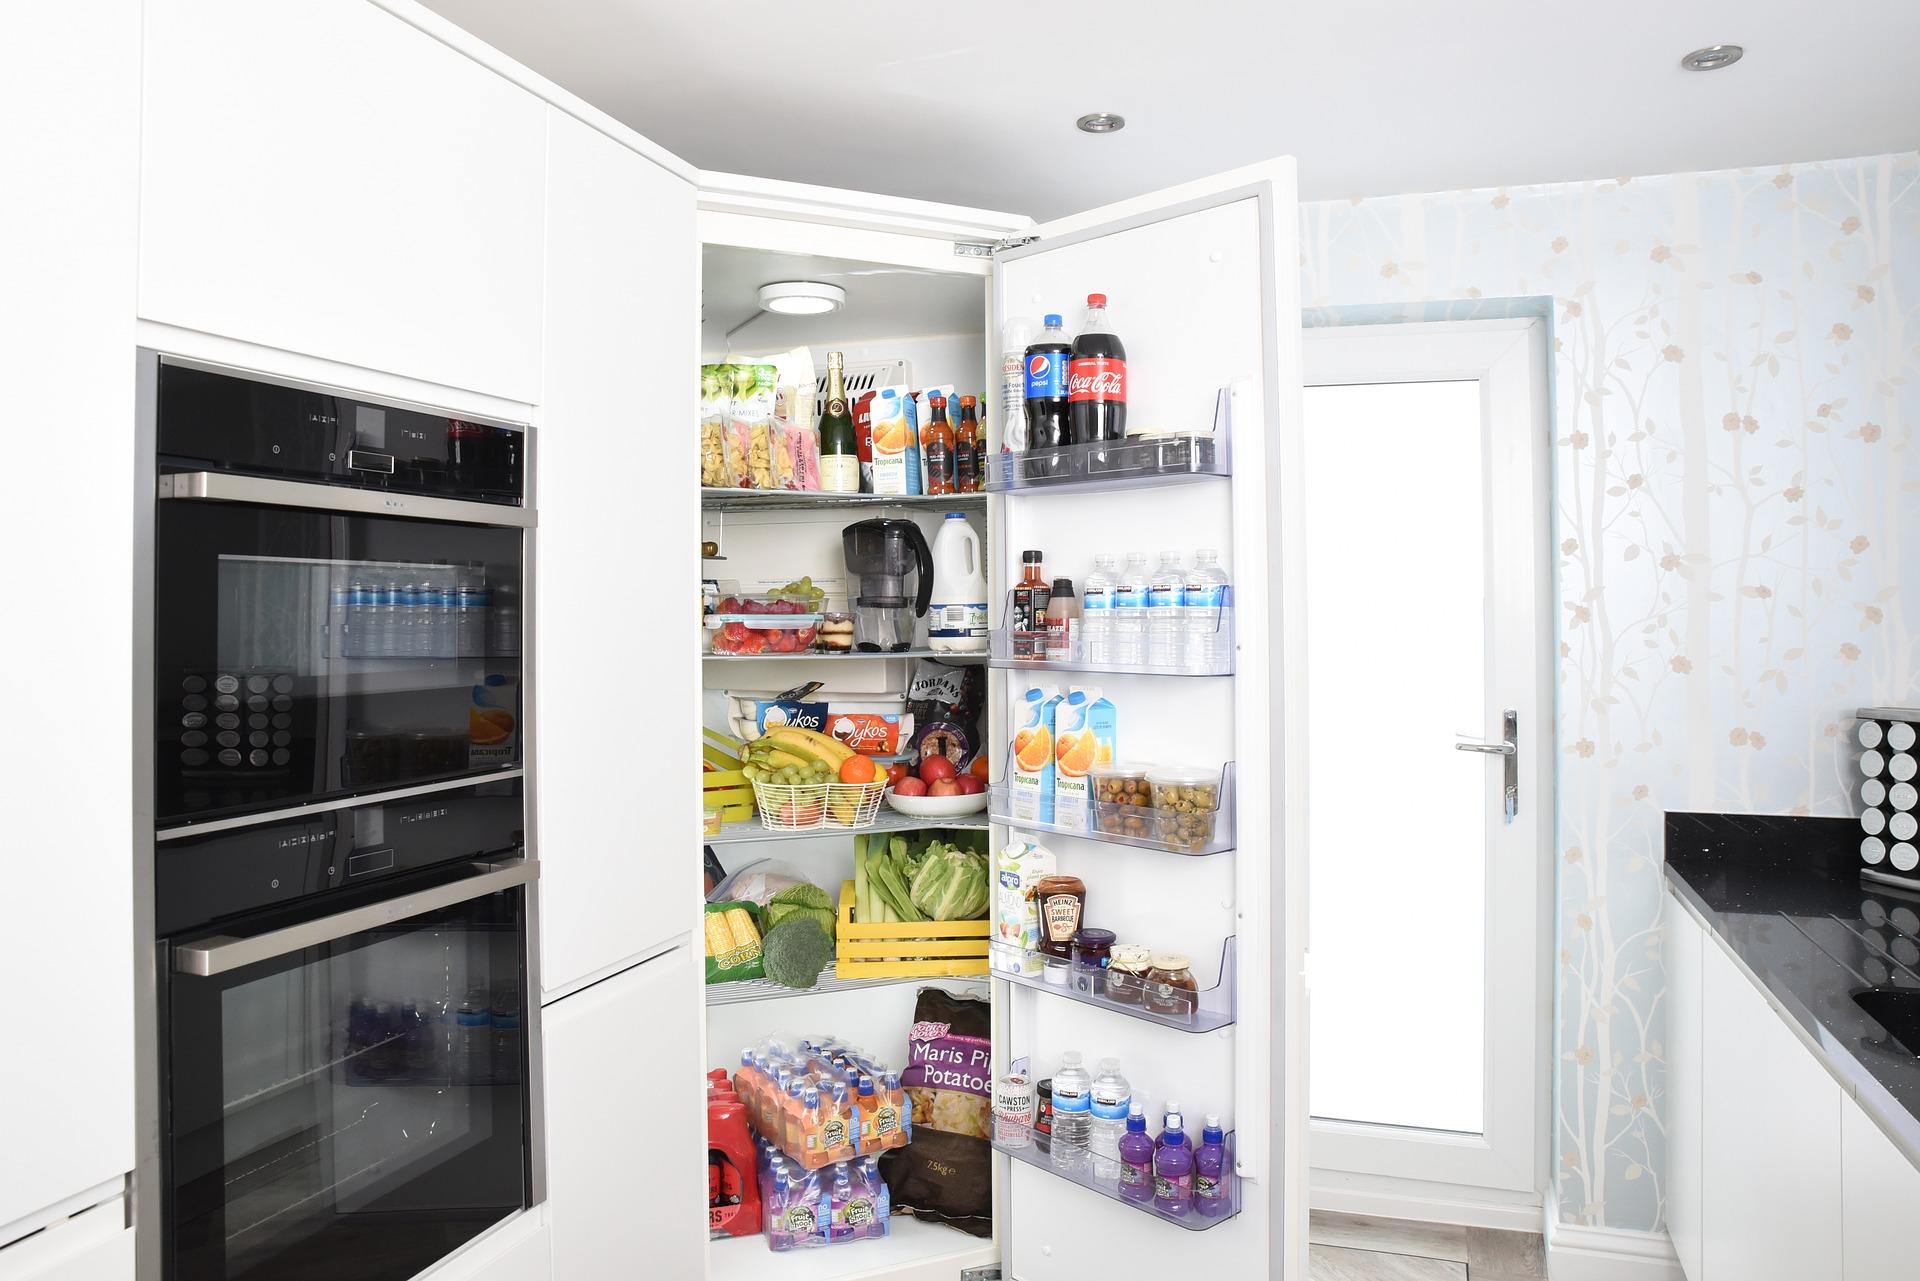 Как правильно складывать продукты вхолодильник?